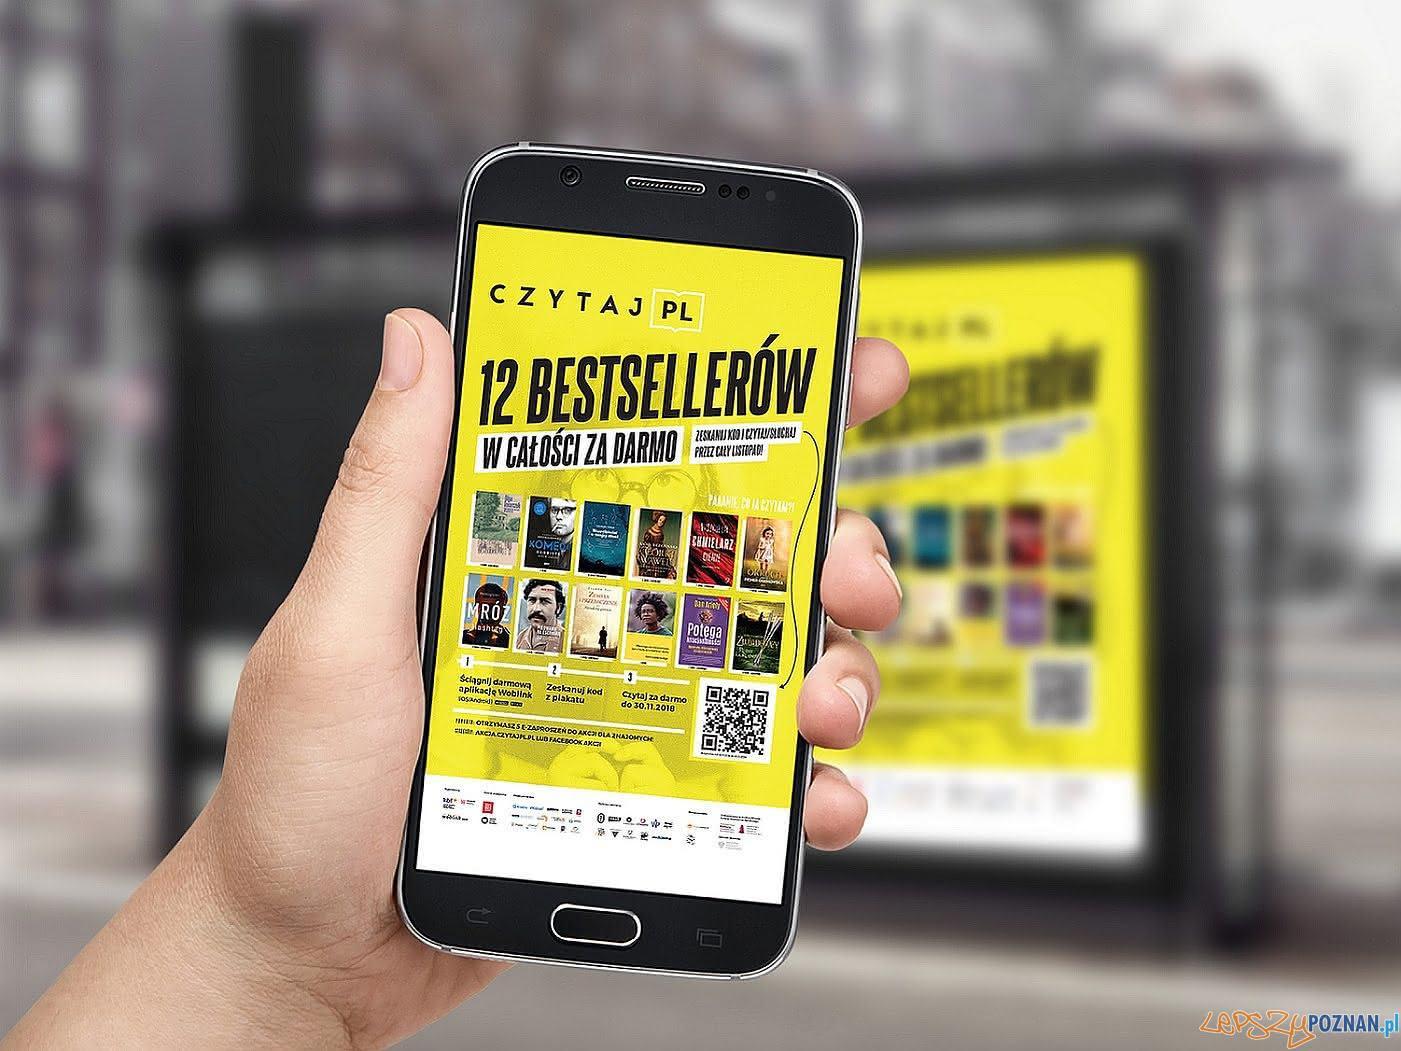 Czytaj PL 2018 - akcja promująca czytelnictwo  Foto: Czytaj PL 2018 - akcja promująca czytelnictwo